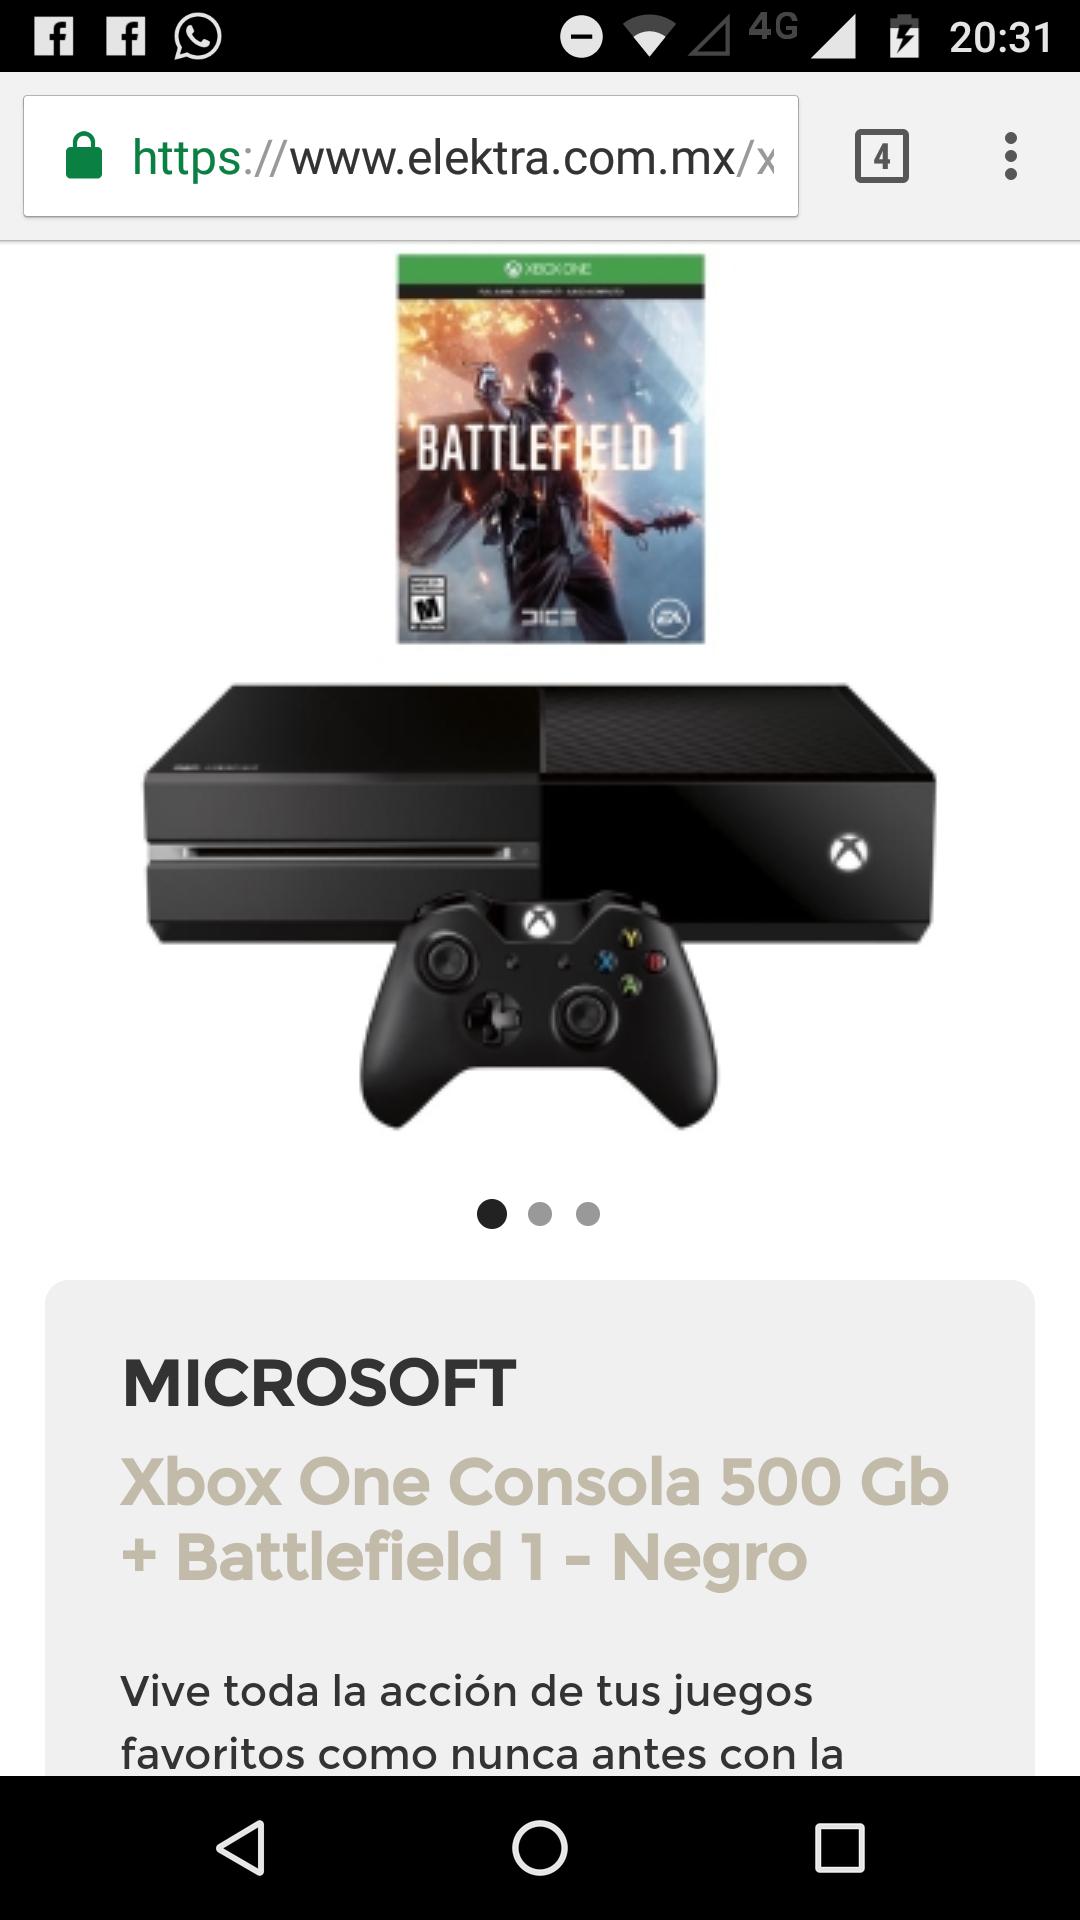 Elektra: Xbox One 500GB con Battlefield 1, Gears 4 ó FIFA 17 en $4,989